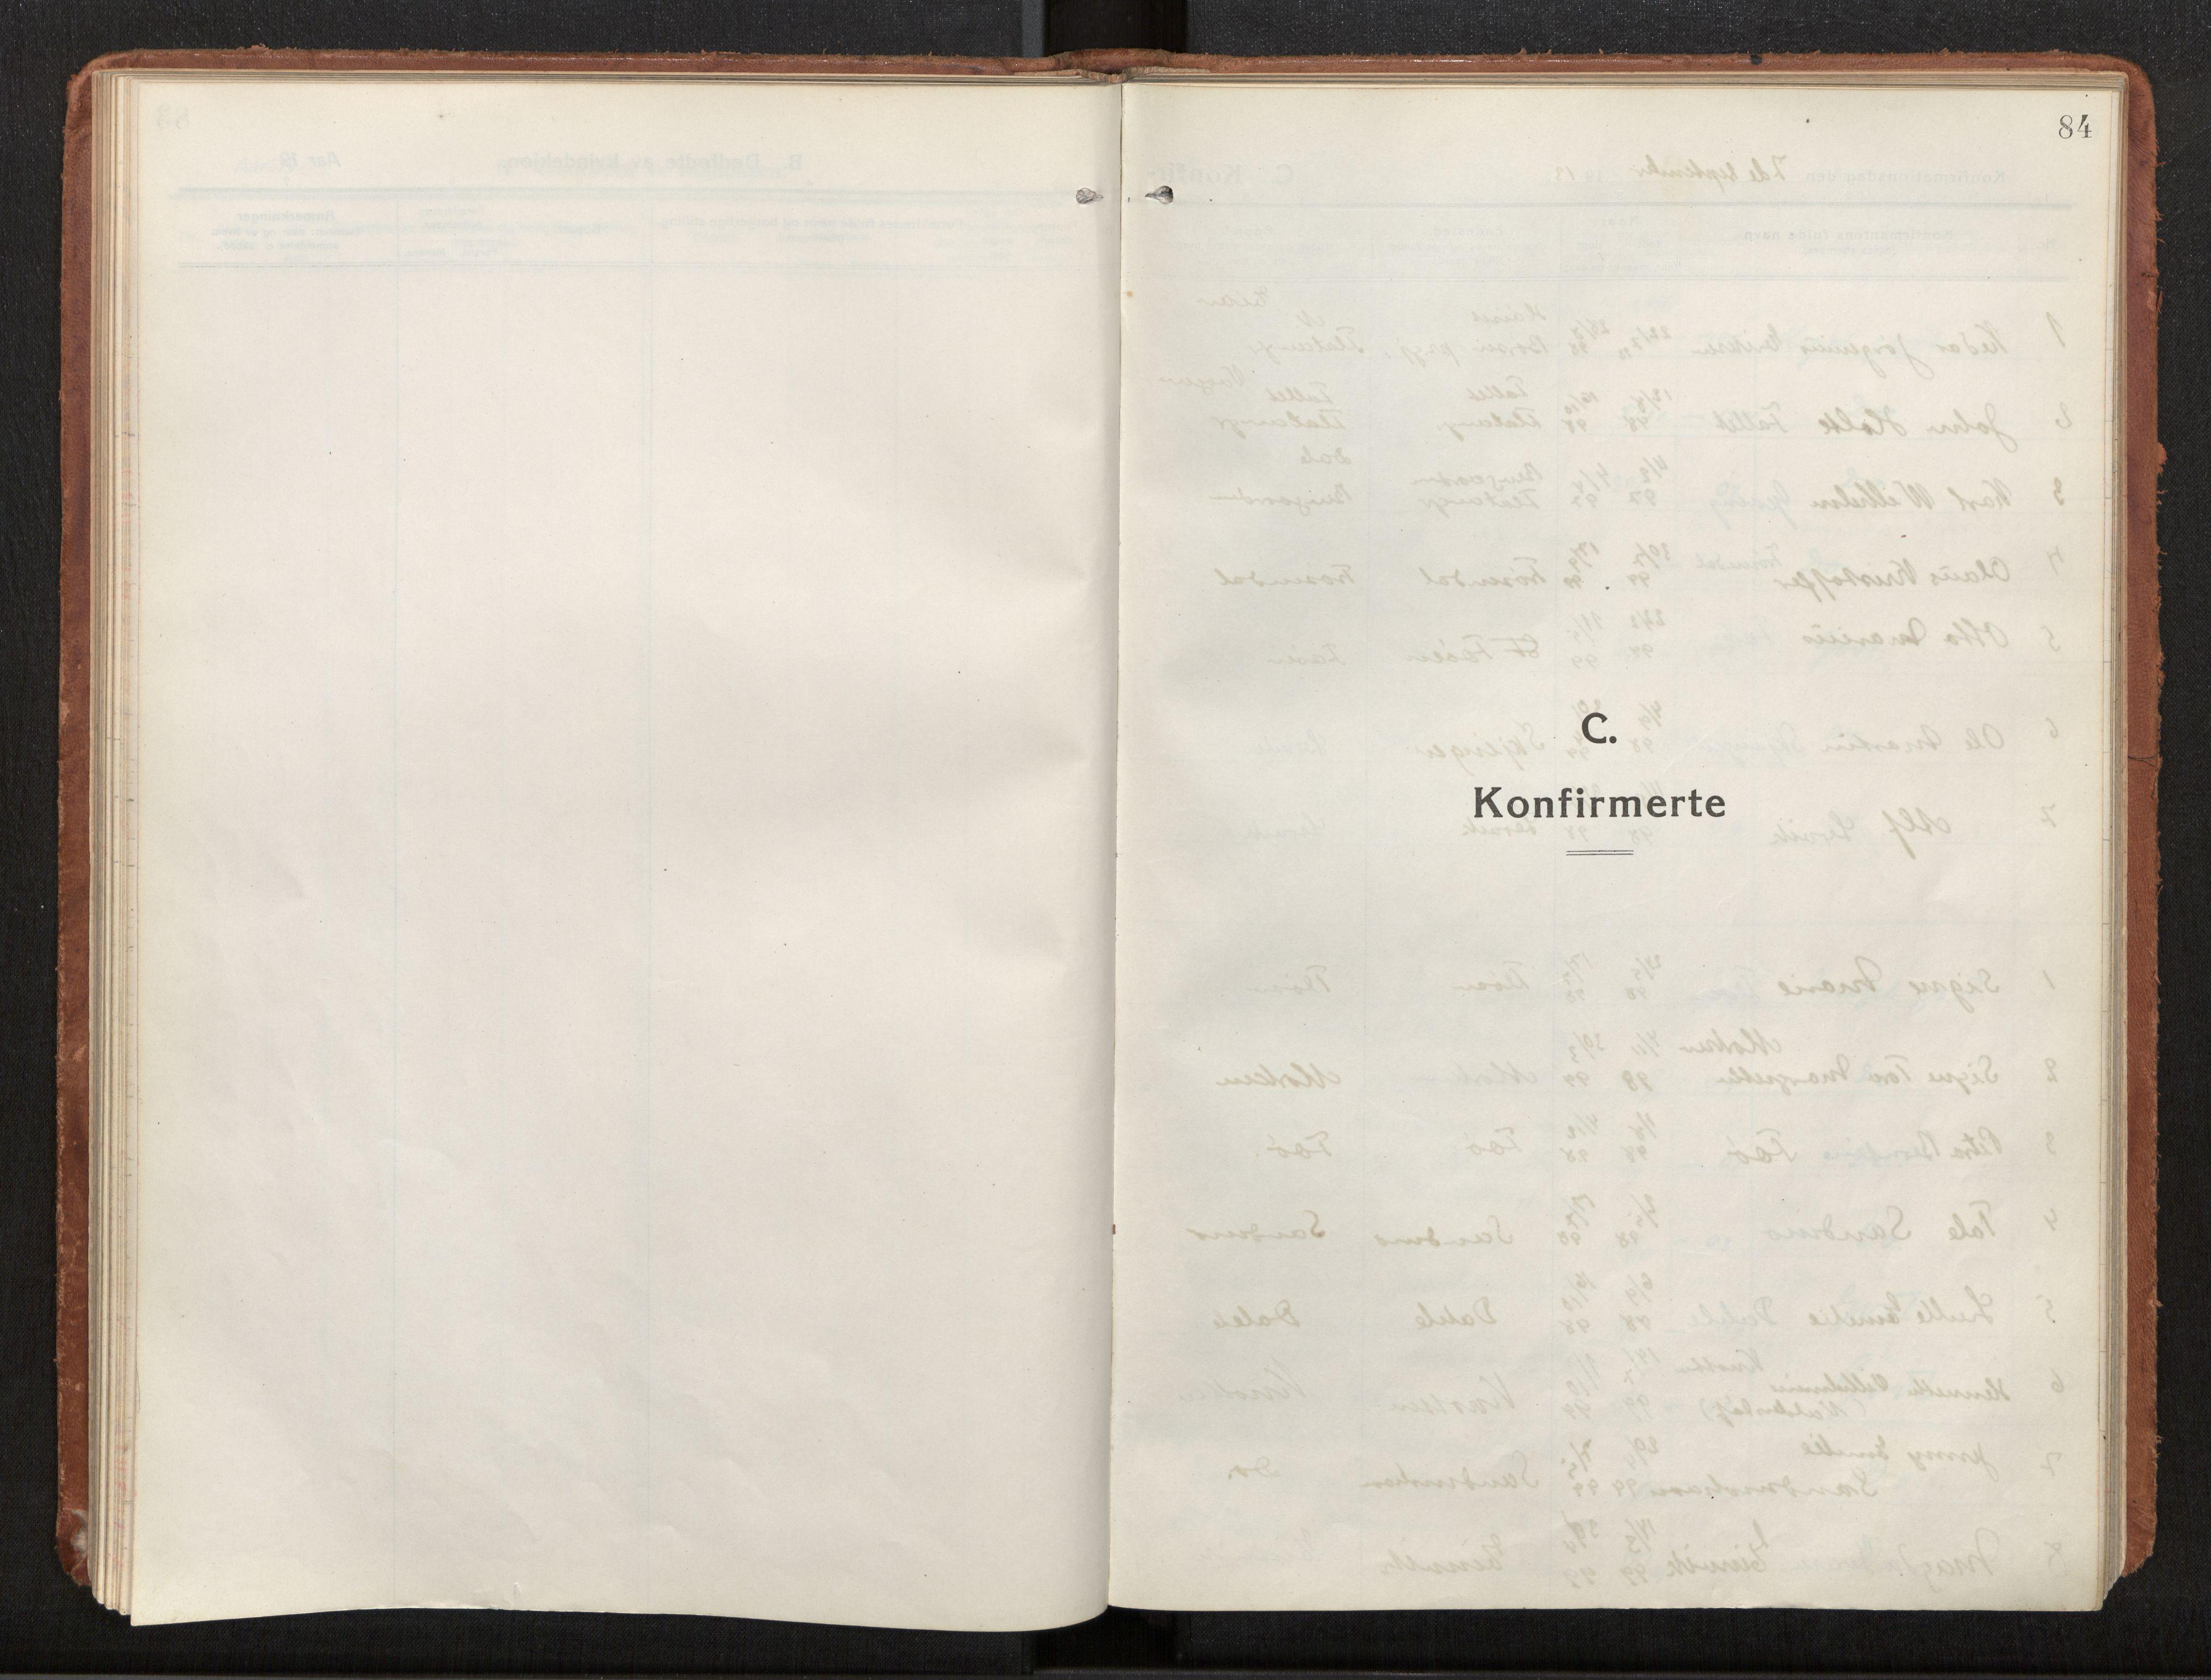 SAT, Ministerialprotokoller, klokkerbøker og fødselsregistre - Nord-Trøndelag, 772/L0604: Ministerialbok nr. 772A02, 1913-1937, s. 84